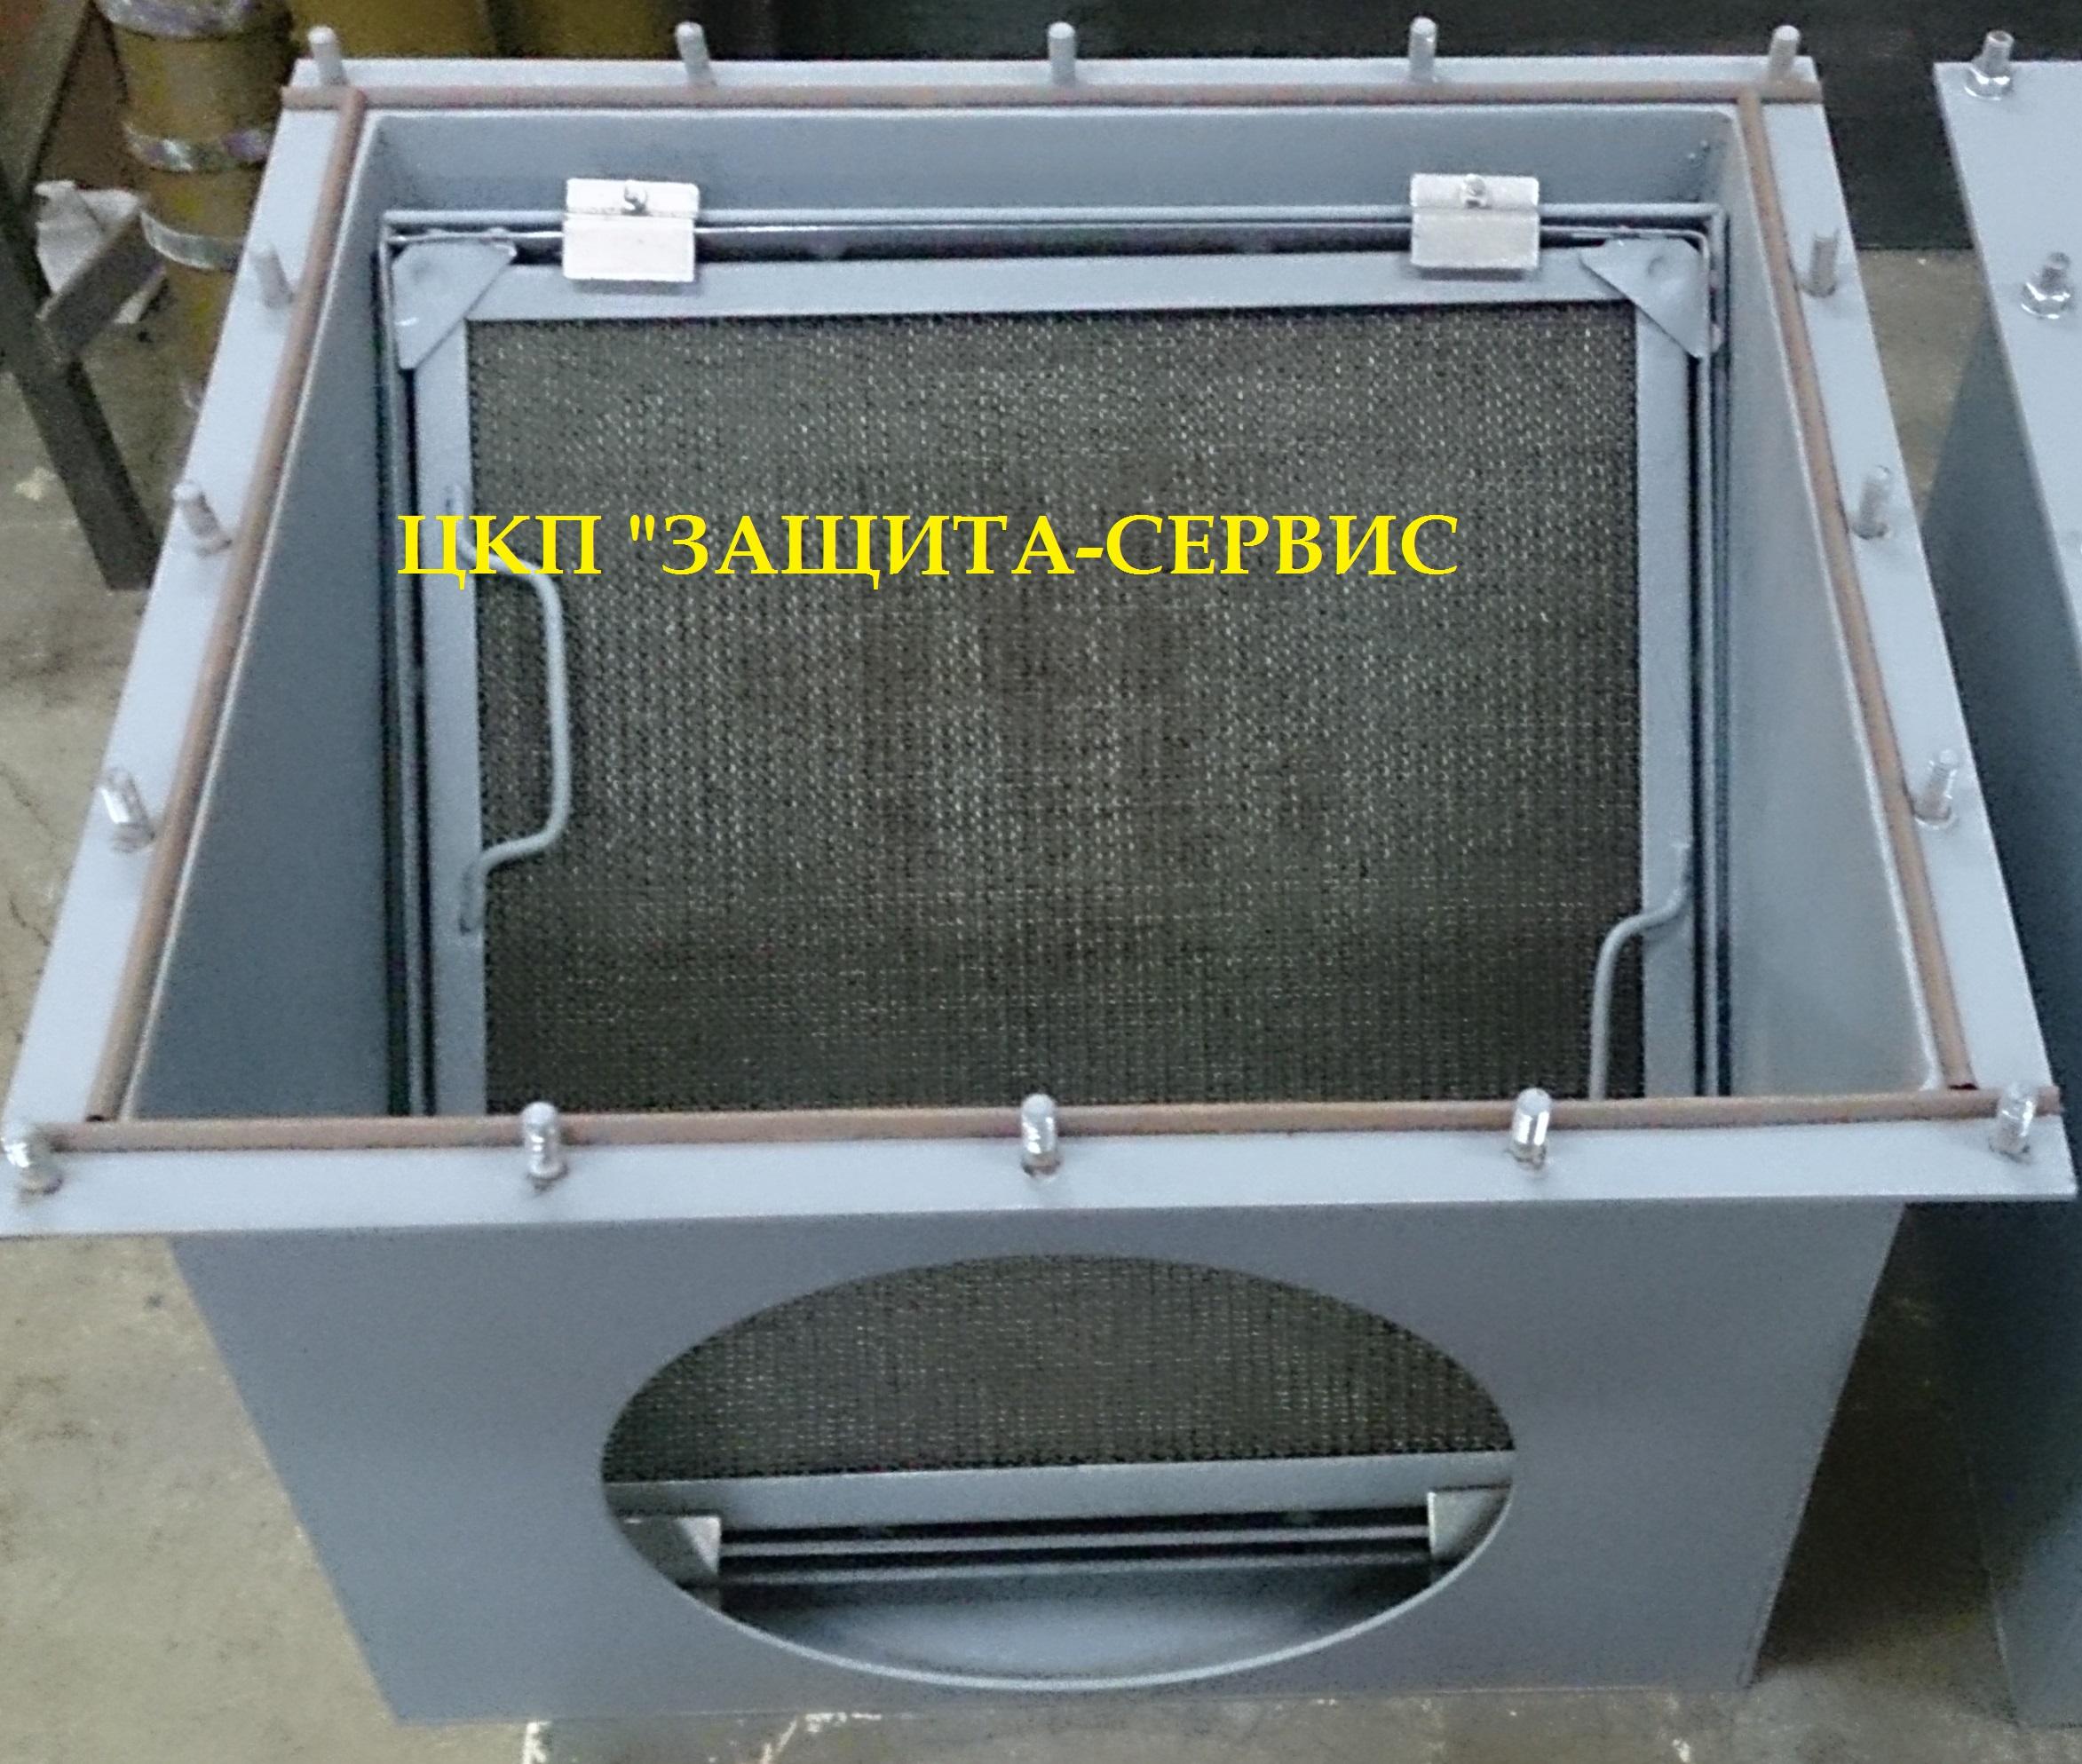 Коробка типа ФМ для установки фильтра типа ФЯРБ